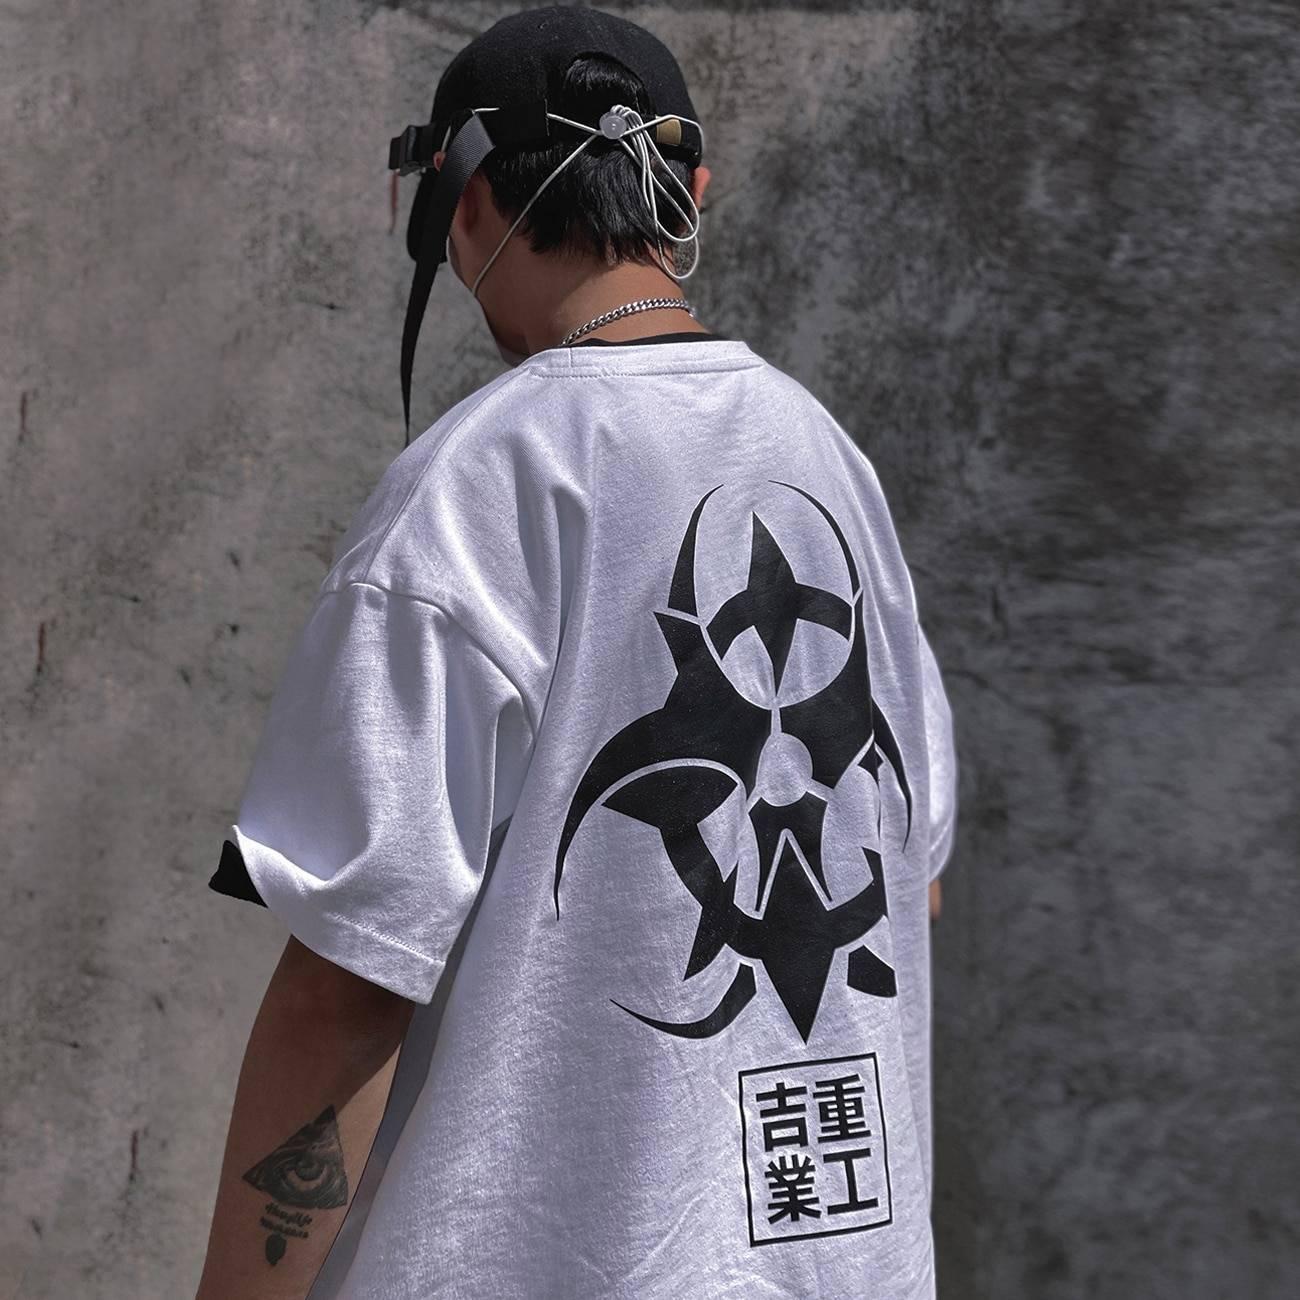 Men's Radiation Sign Oversized Techwear T-Shirt